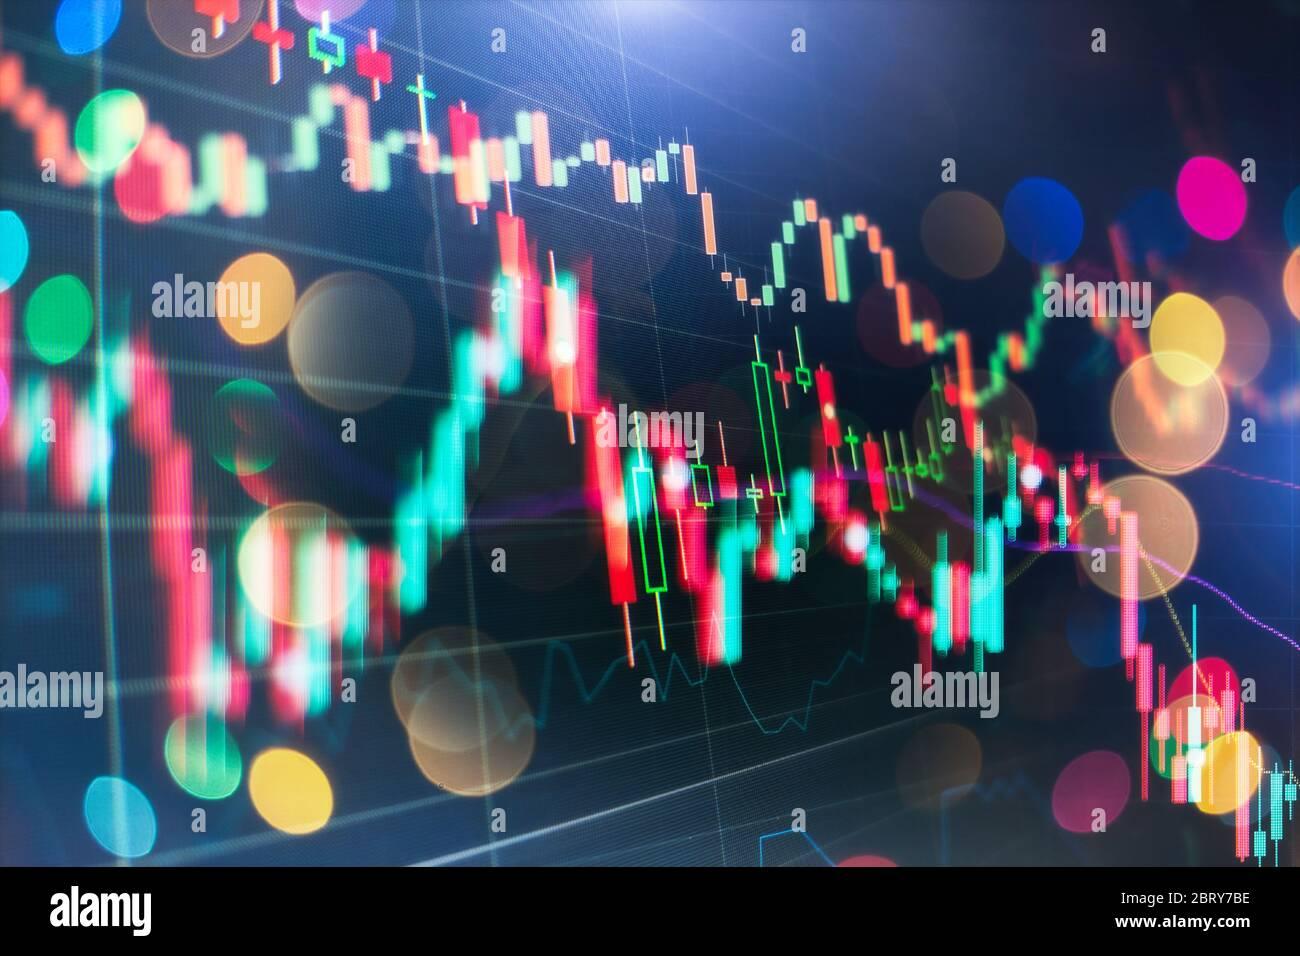 Graphique économique avec des diagrammes sur le marché boursier, pour les entreprises et les concepts financiers et rapports. Banque D'Images